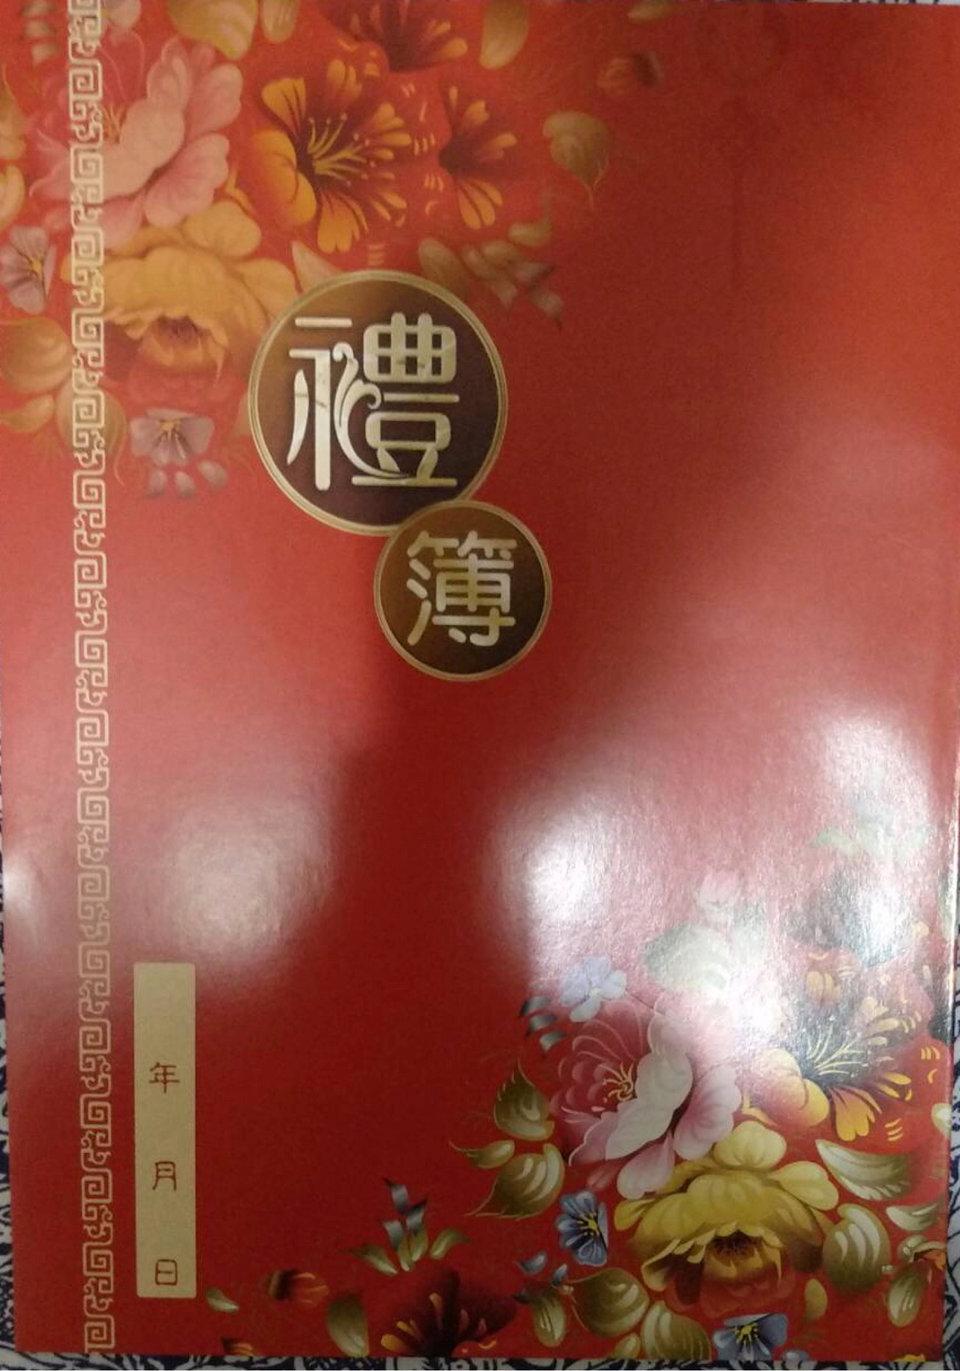 春天婚卡/高雄喜帖工廠,值得推薦的婚卡公司